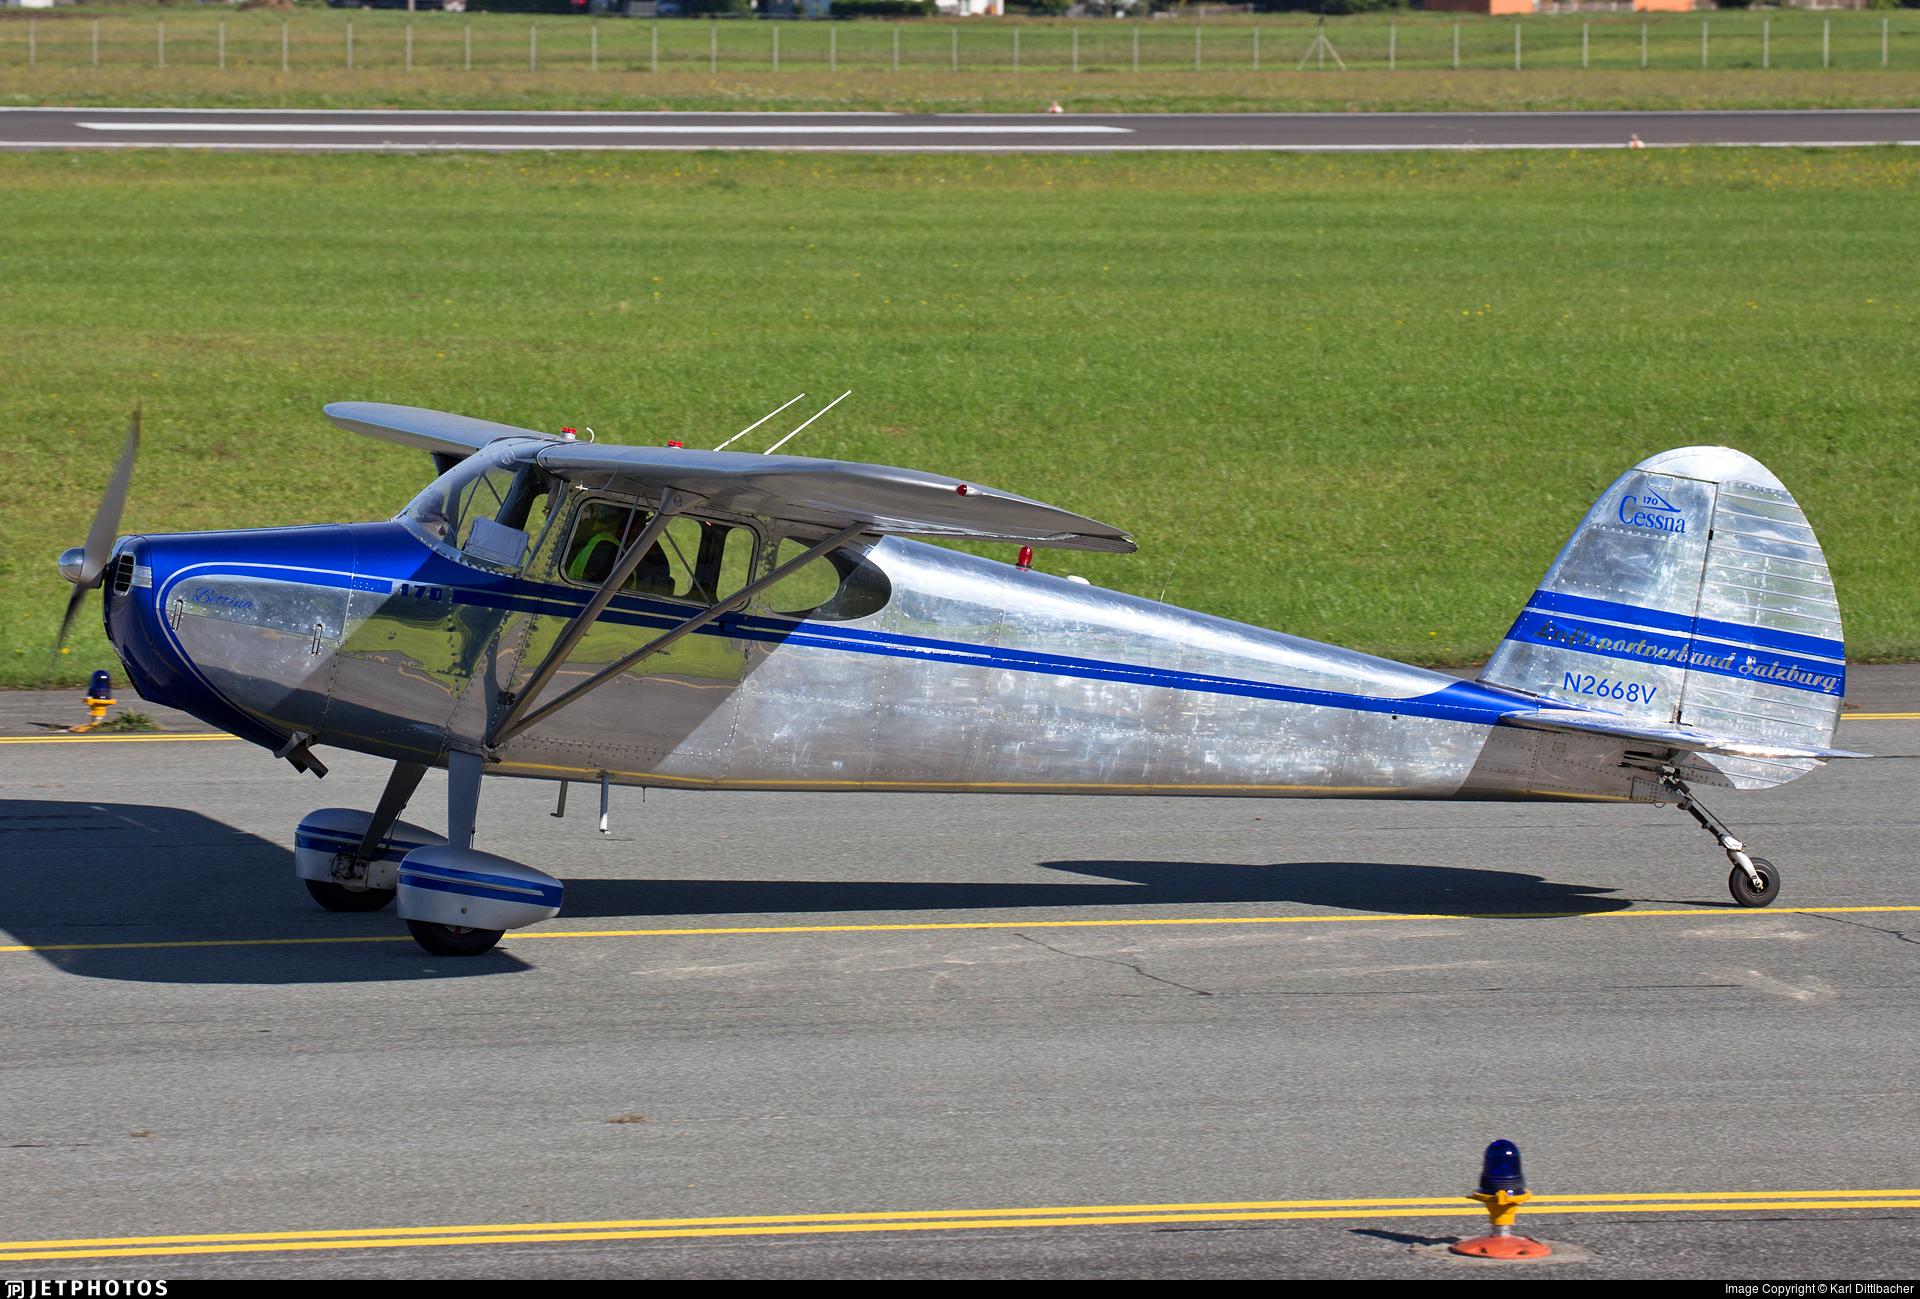 N2668V - Cessna 170 - Luftsportverband Salzburg